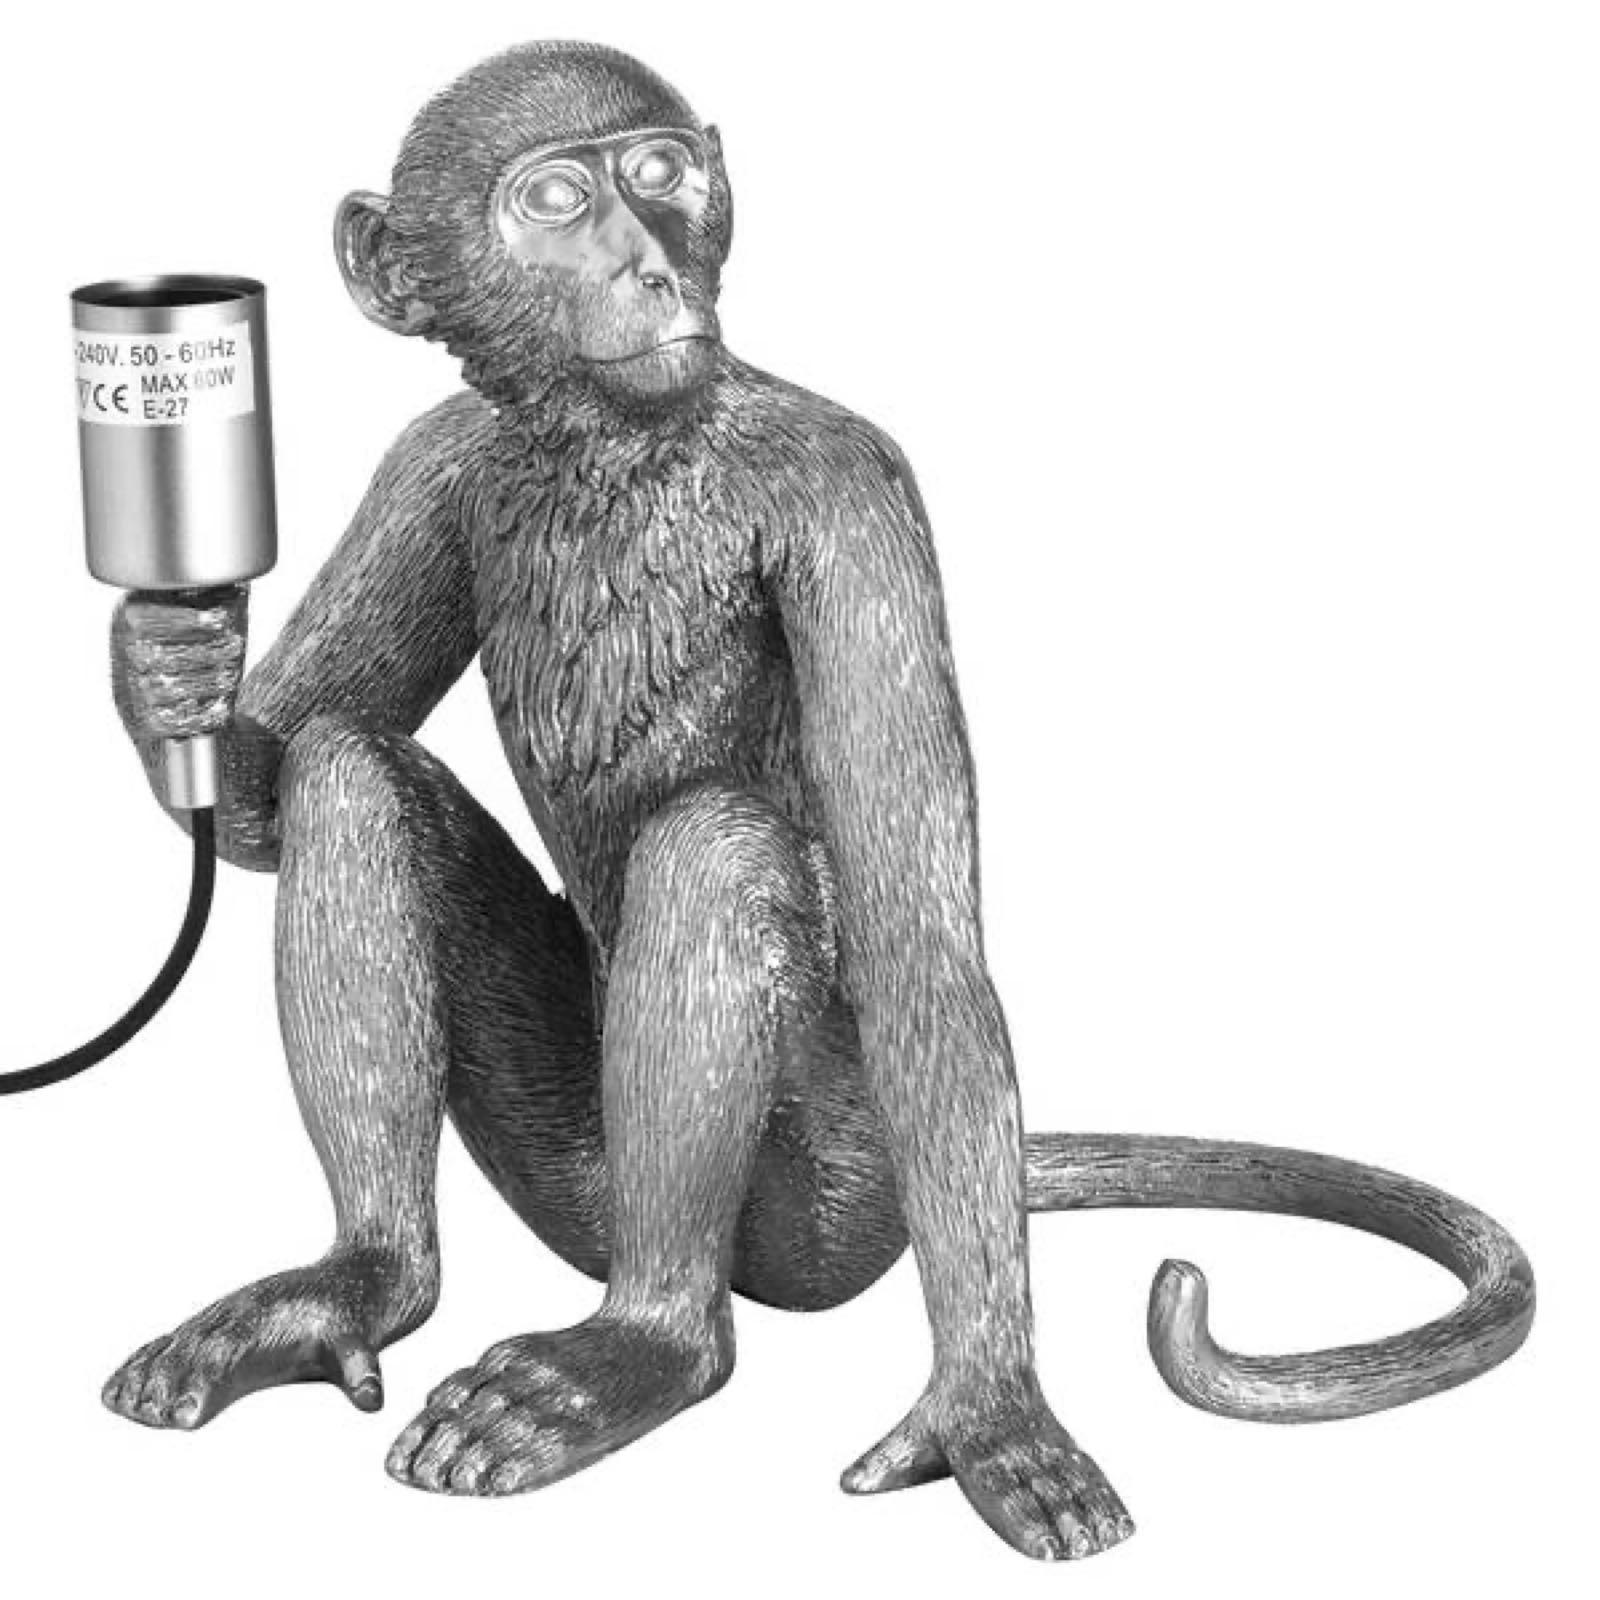 Silver monkey lamp  23cm x 30cm x 23cm